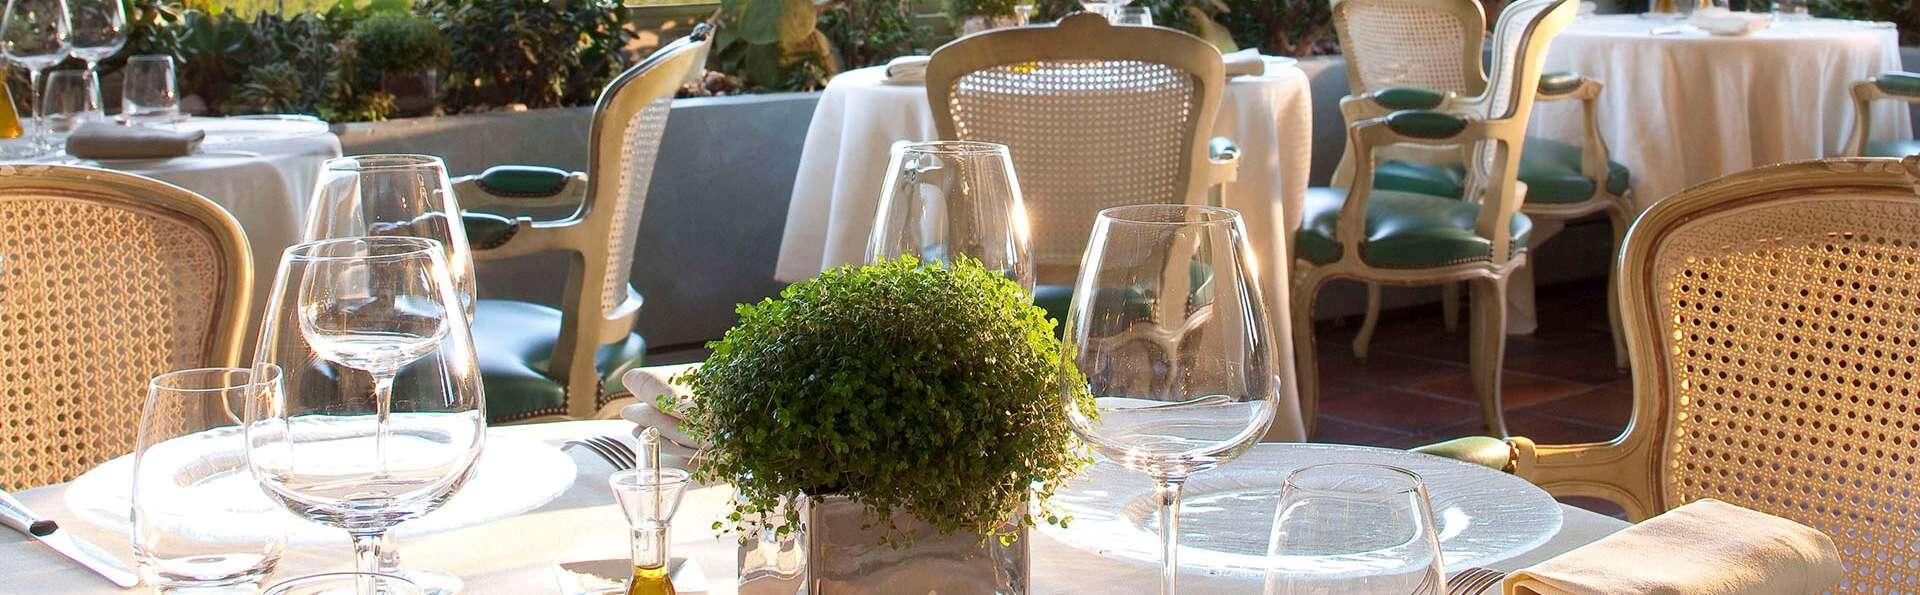 Parenthèse savoureuse dans une belle demeure provençale